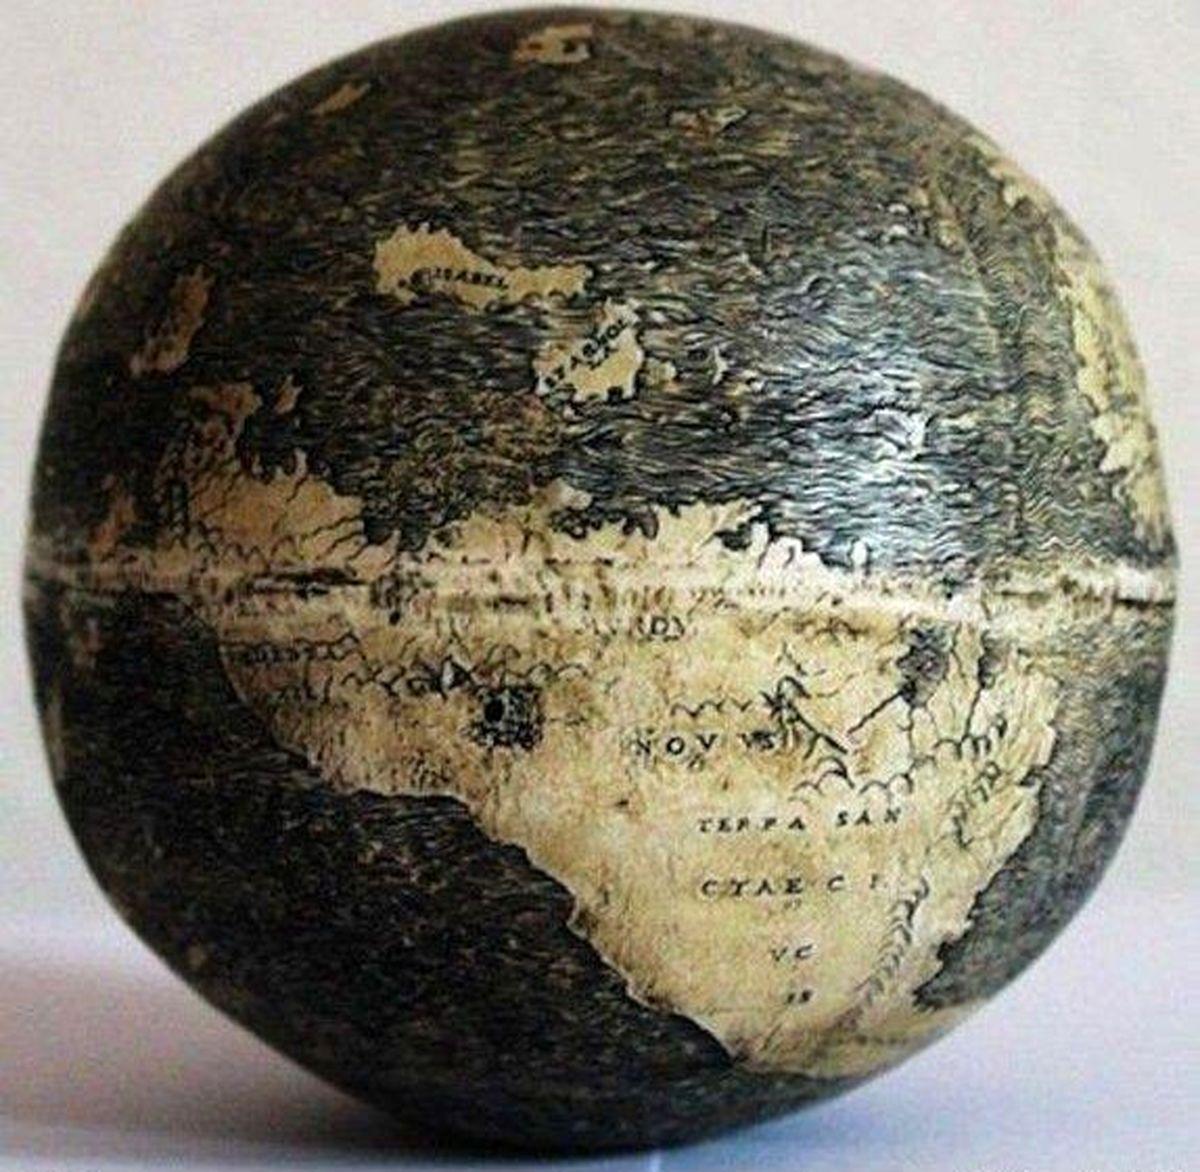 قدیمی ترین کره جغرافیایی را دیده اید؟ + عکس